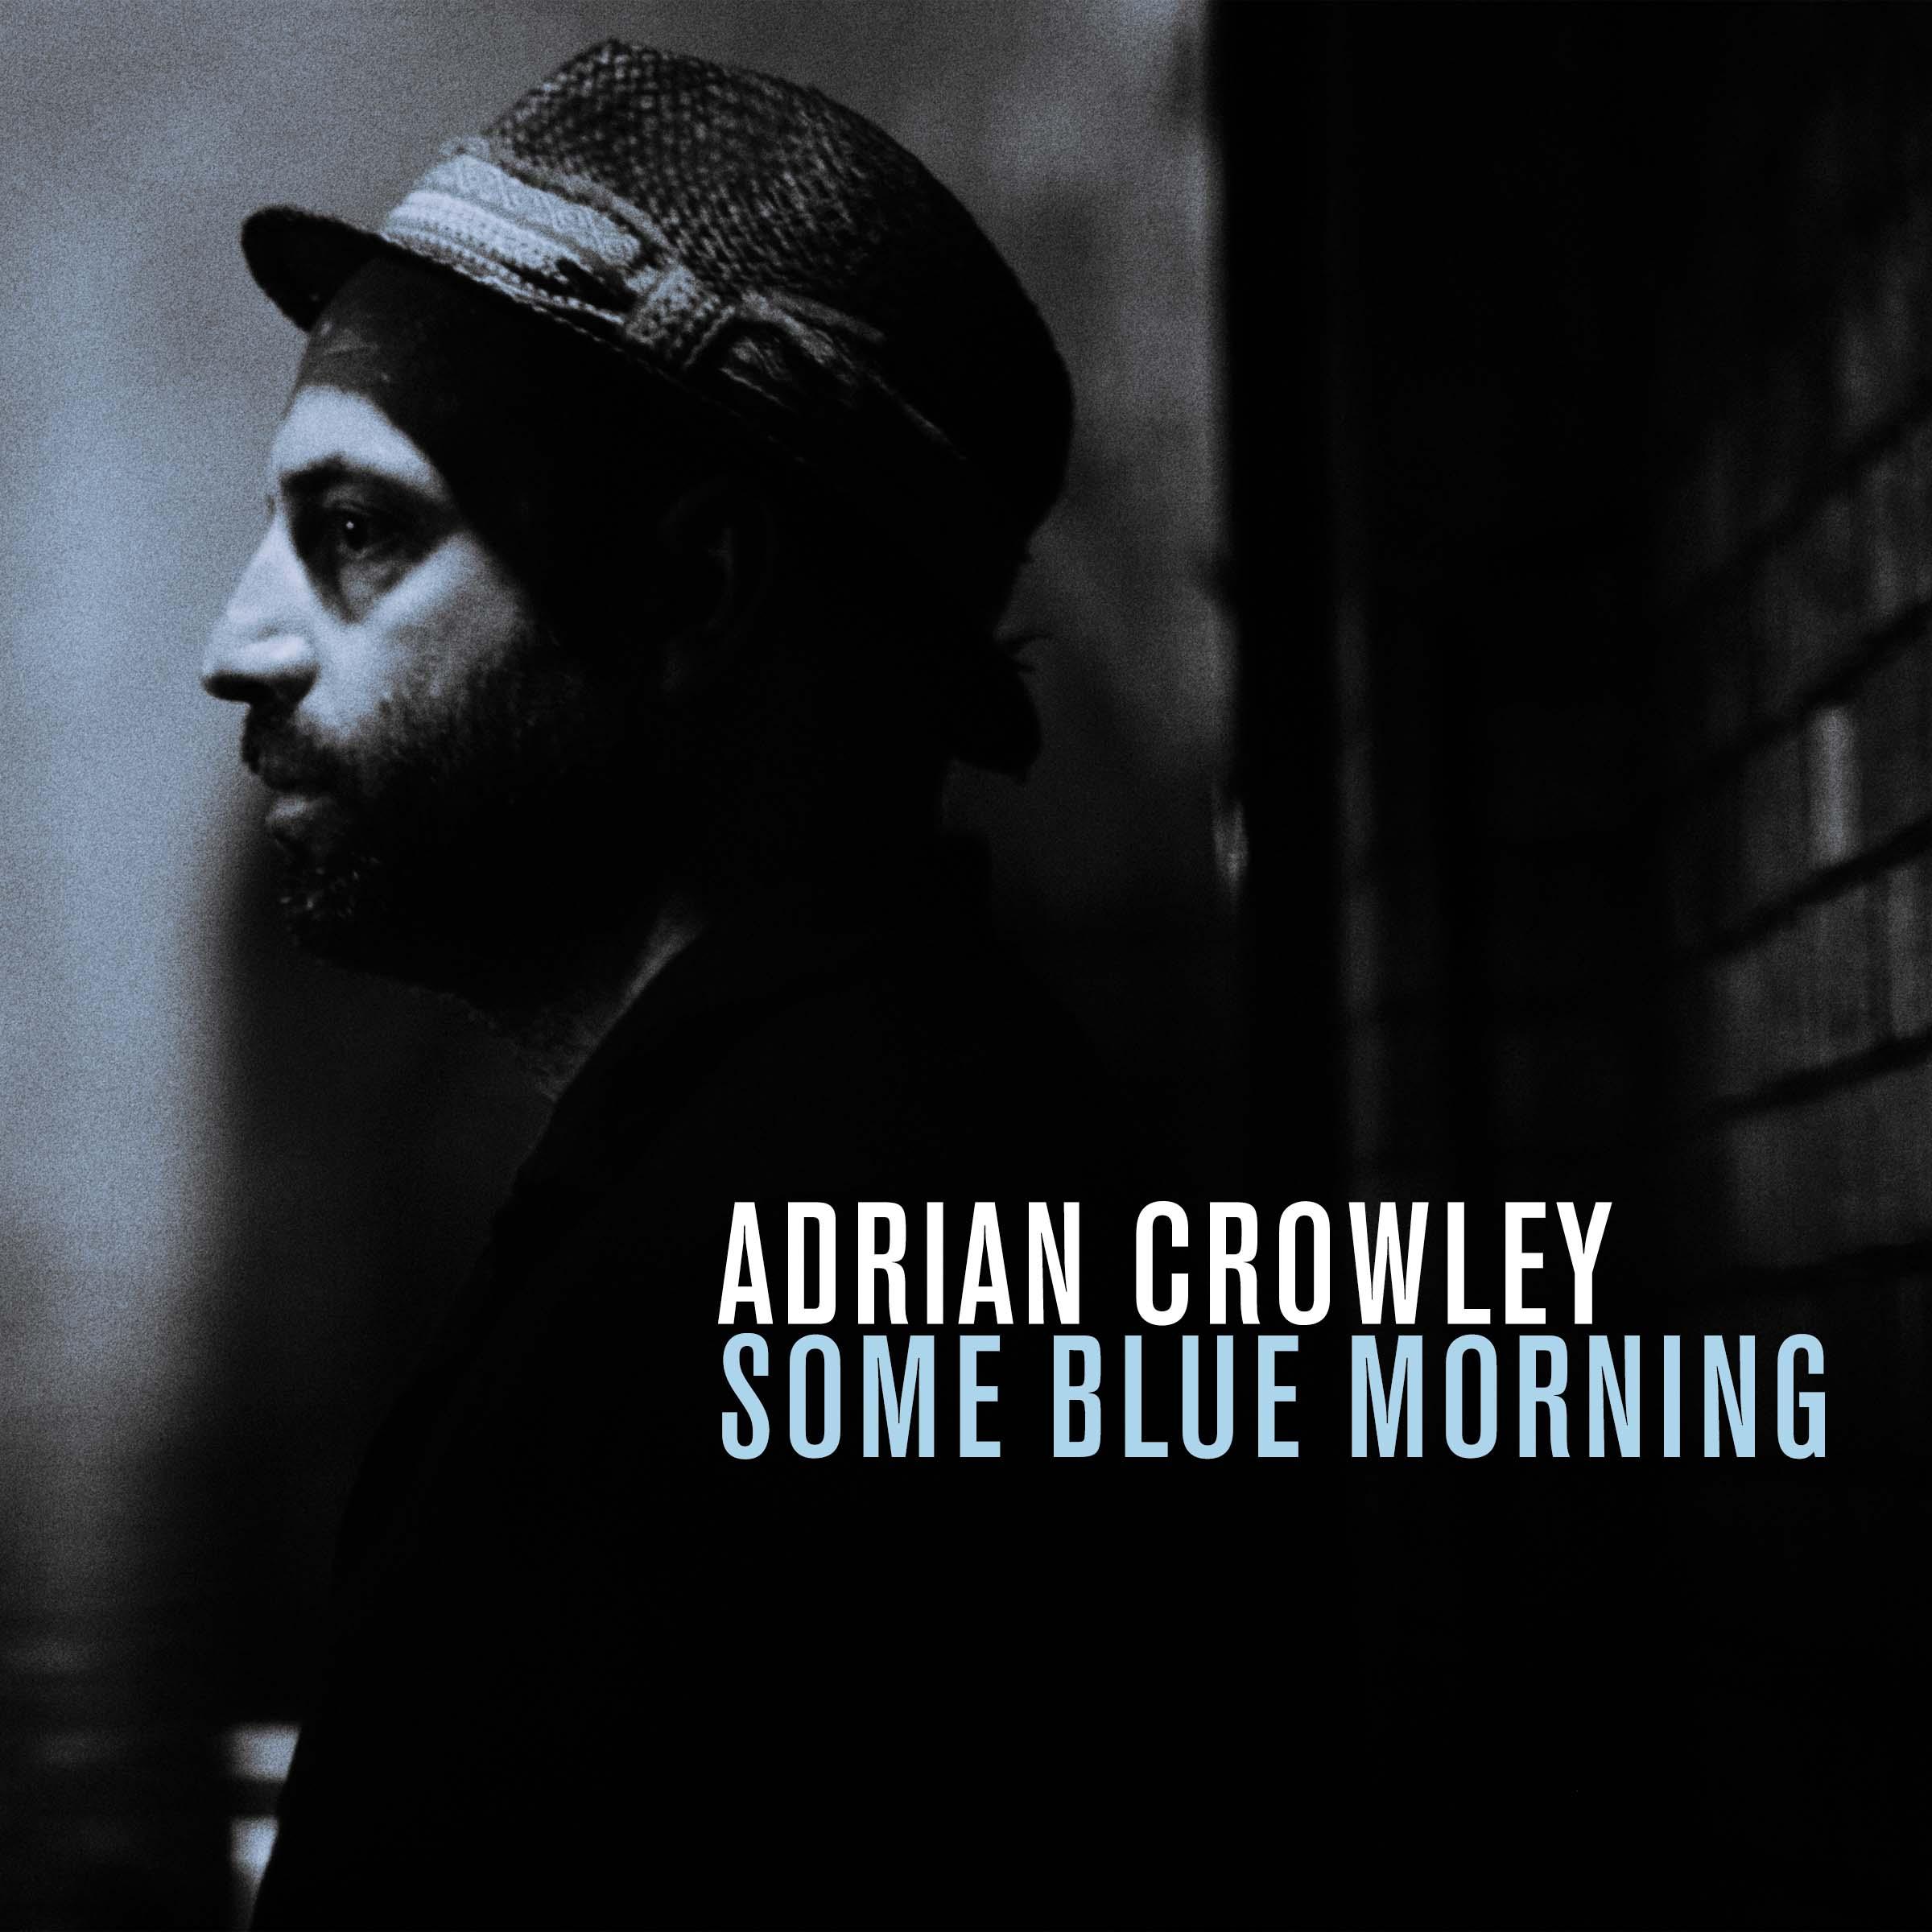 Adrian Crowley - Some Blue Morning - Digital Album (2014) - Adrian Crowley